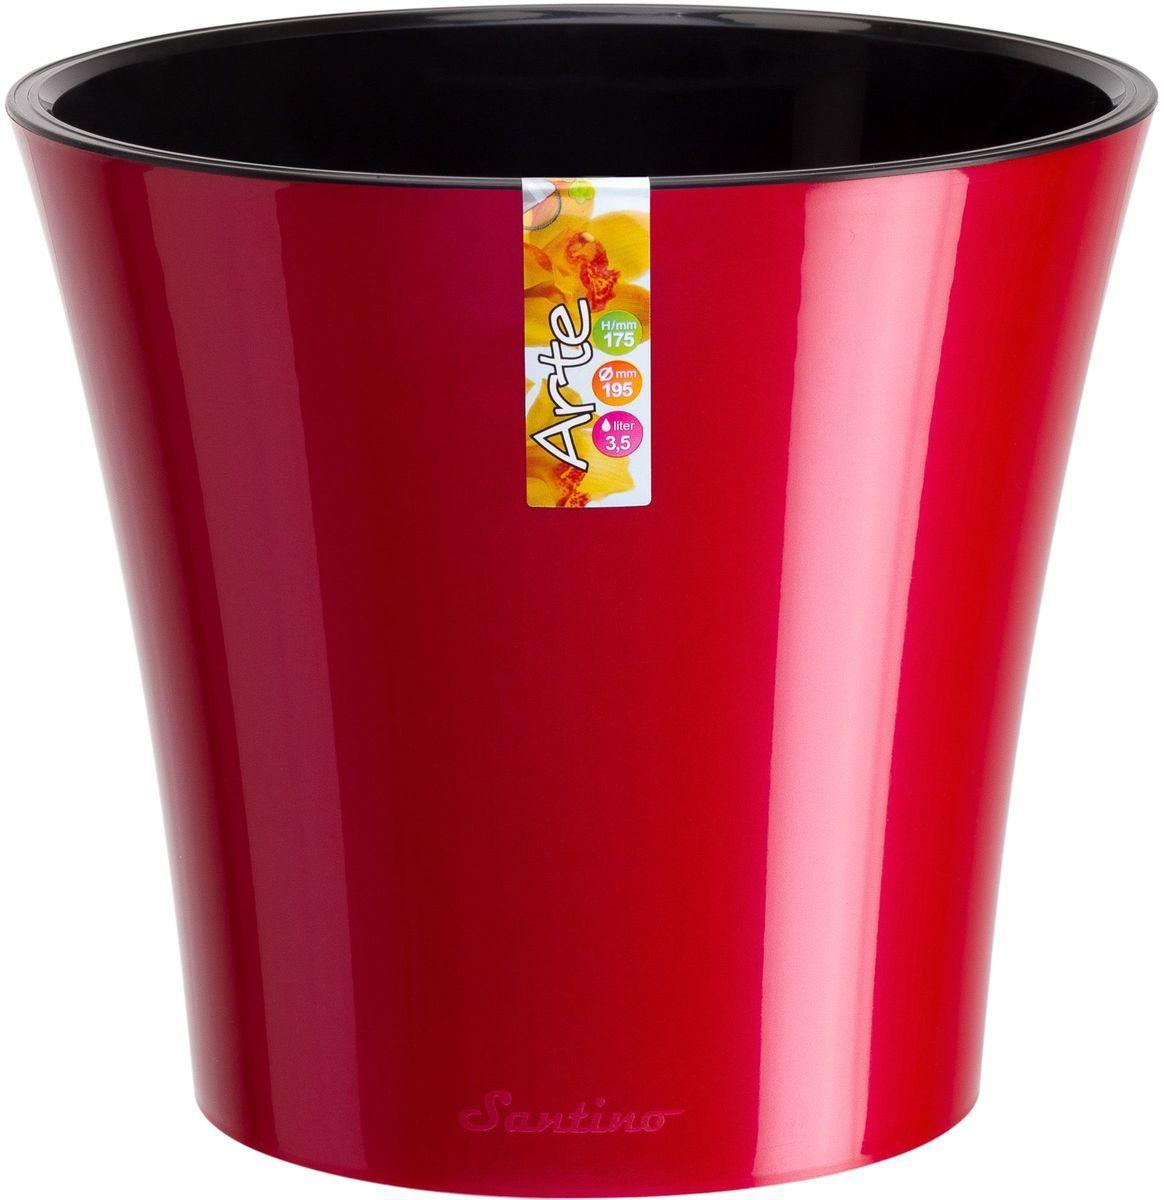 Горшок цветочный Santino Арте, двойной, с системой автополива, цвет: красный, черный, 3,5 лМ 3099Любой, даже самый современный и продуманный интерьер будет незавершенным без растений. Они не только очищают воздух и насыщают его кислородом, но и украшают окружающее пространство. Такому полезному члену семьи просто необходим красивый и функциональный дом! Оптимальный выбор материала — пластмасса! Почему мы так считаем? Малый вес. С легкостью переносите горшки и кашпо с места на место, ставьте их на столики или полки, не беспокоясь о нагрузке. Простота ухода. Кашпо не нуждается в специальных условиях хранения. Его легко чистить — достаточно просто сполоснуть теплой водой. Никаких потертостей. Такие кашпо не царапают и не загрязняют поверхности, на которых стоят. Пластик дольше хранит влагу, а значит, растение реже нуждается в поливе. Пластмасса не пропускает воздух — корневой системе растения не грозят резкие перепады температур. Огромный выбор форм, декора и расцветок — вы без труда найдете что-то, что идеально впишется в уже существующий интерьер. Соблюдая нехитрые правила ухода, вы можете заметно продлить срок службы горшков и кашпо из пластика: всегда учитывайте размер кроны и корневой системы (при разрастании большое растение способно повредить маленький горшок) берегите изделие от воздействия прямых солнечных лучей, чтобы горшки не выцветали держите кашпо из пластика подальше от нагревающихся поверхностей. Создавайте прекрасные цветочные композиции, выращивайте рассаду или необычные растения.